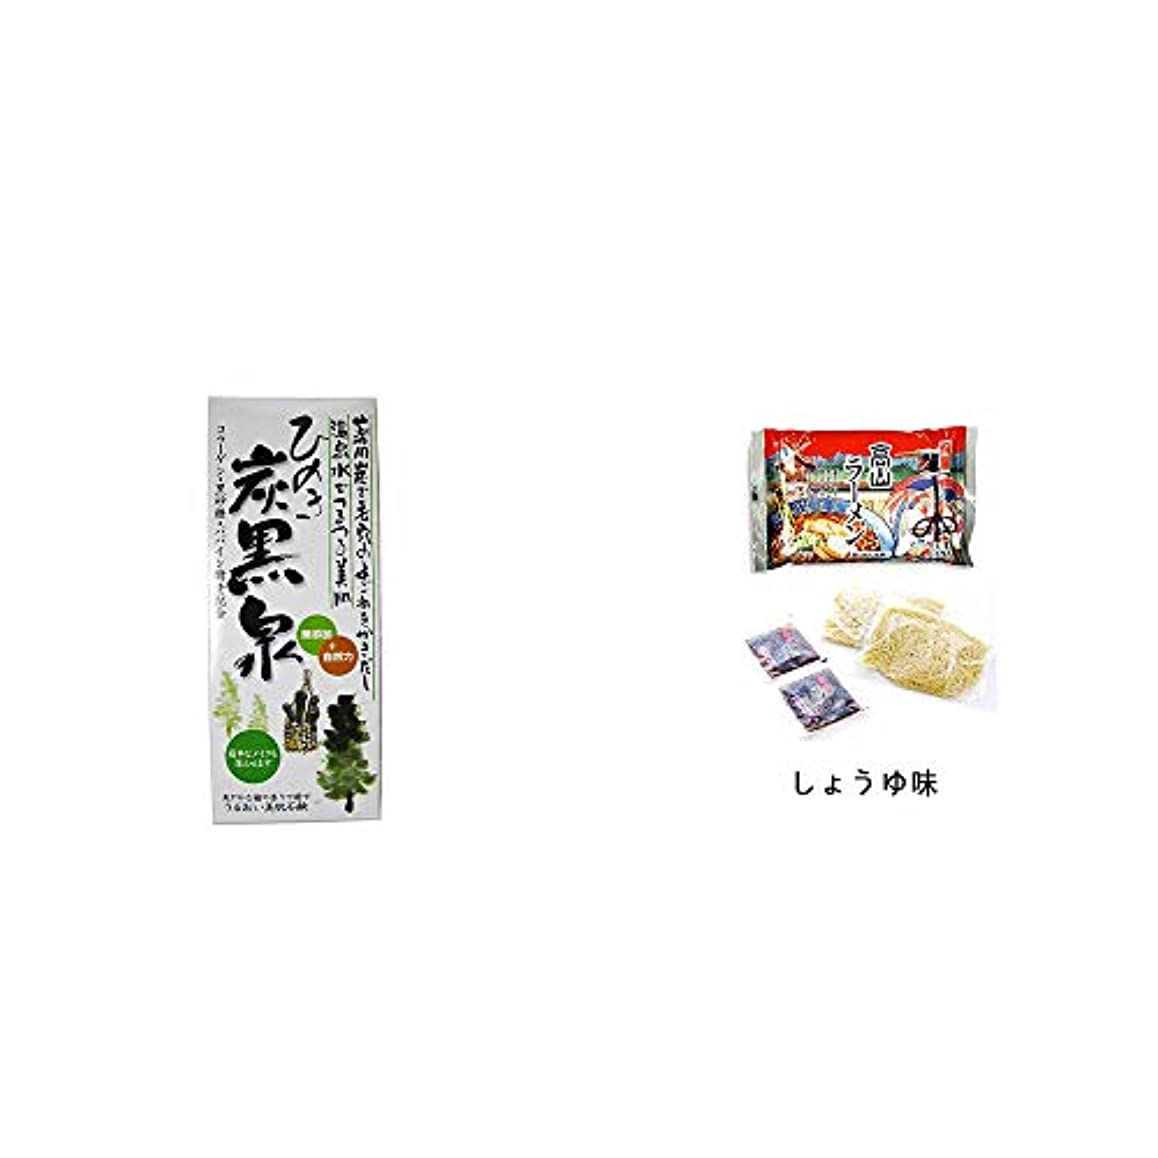 消費者サーカスマーカー[2点セット] ひのき炭黒泉 箱入り(75g×3)?飛騨高山ラーメン[生麺?スープ付 (しょうゆ味)]